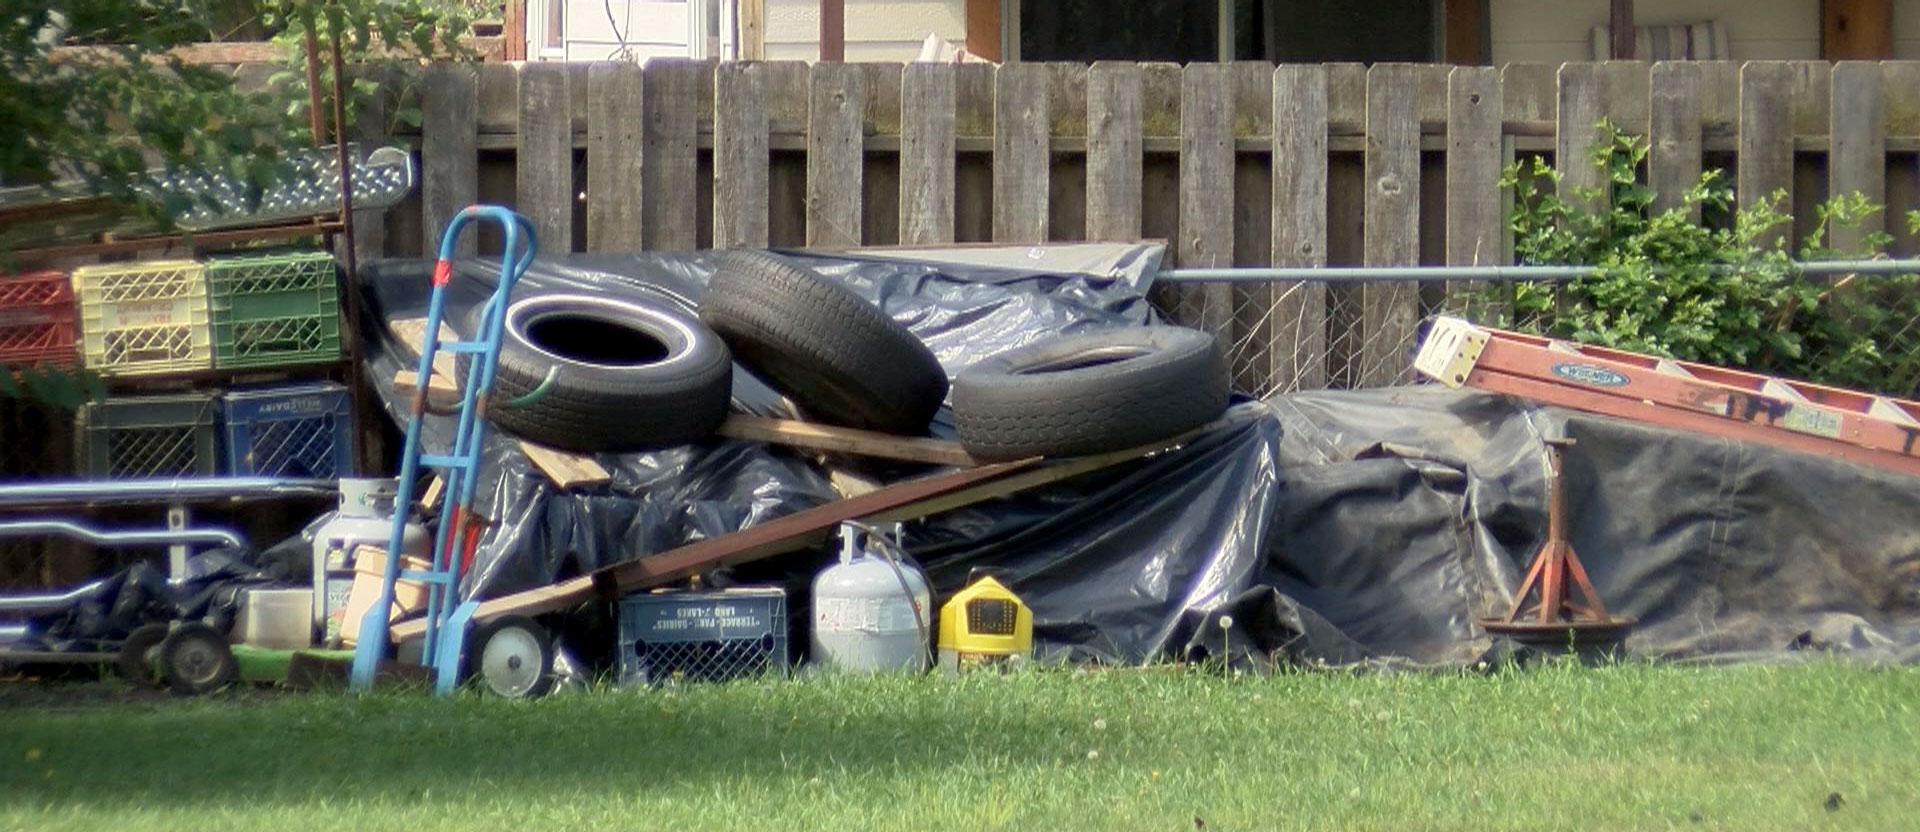 positively keloland artist s dumpster drive